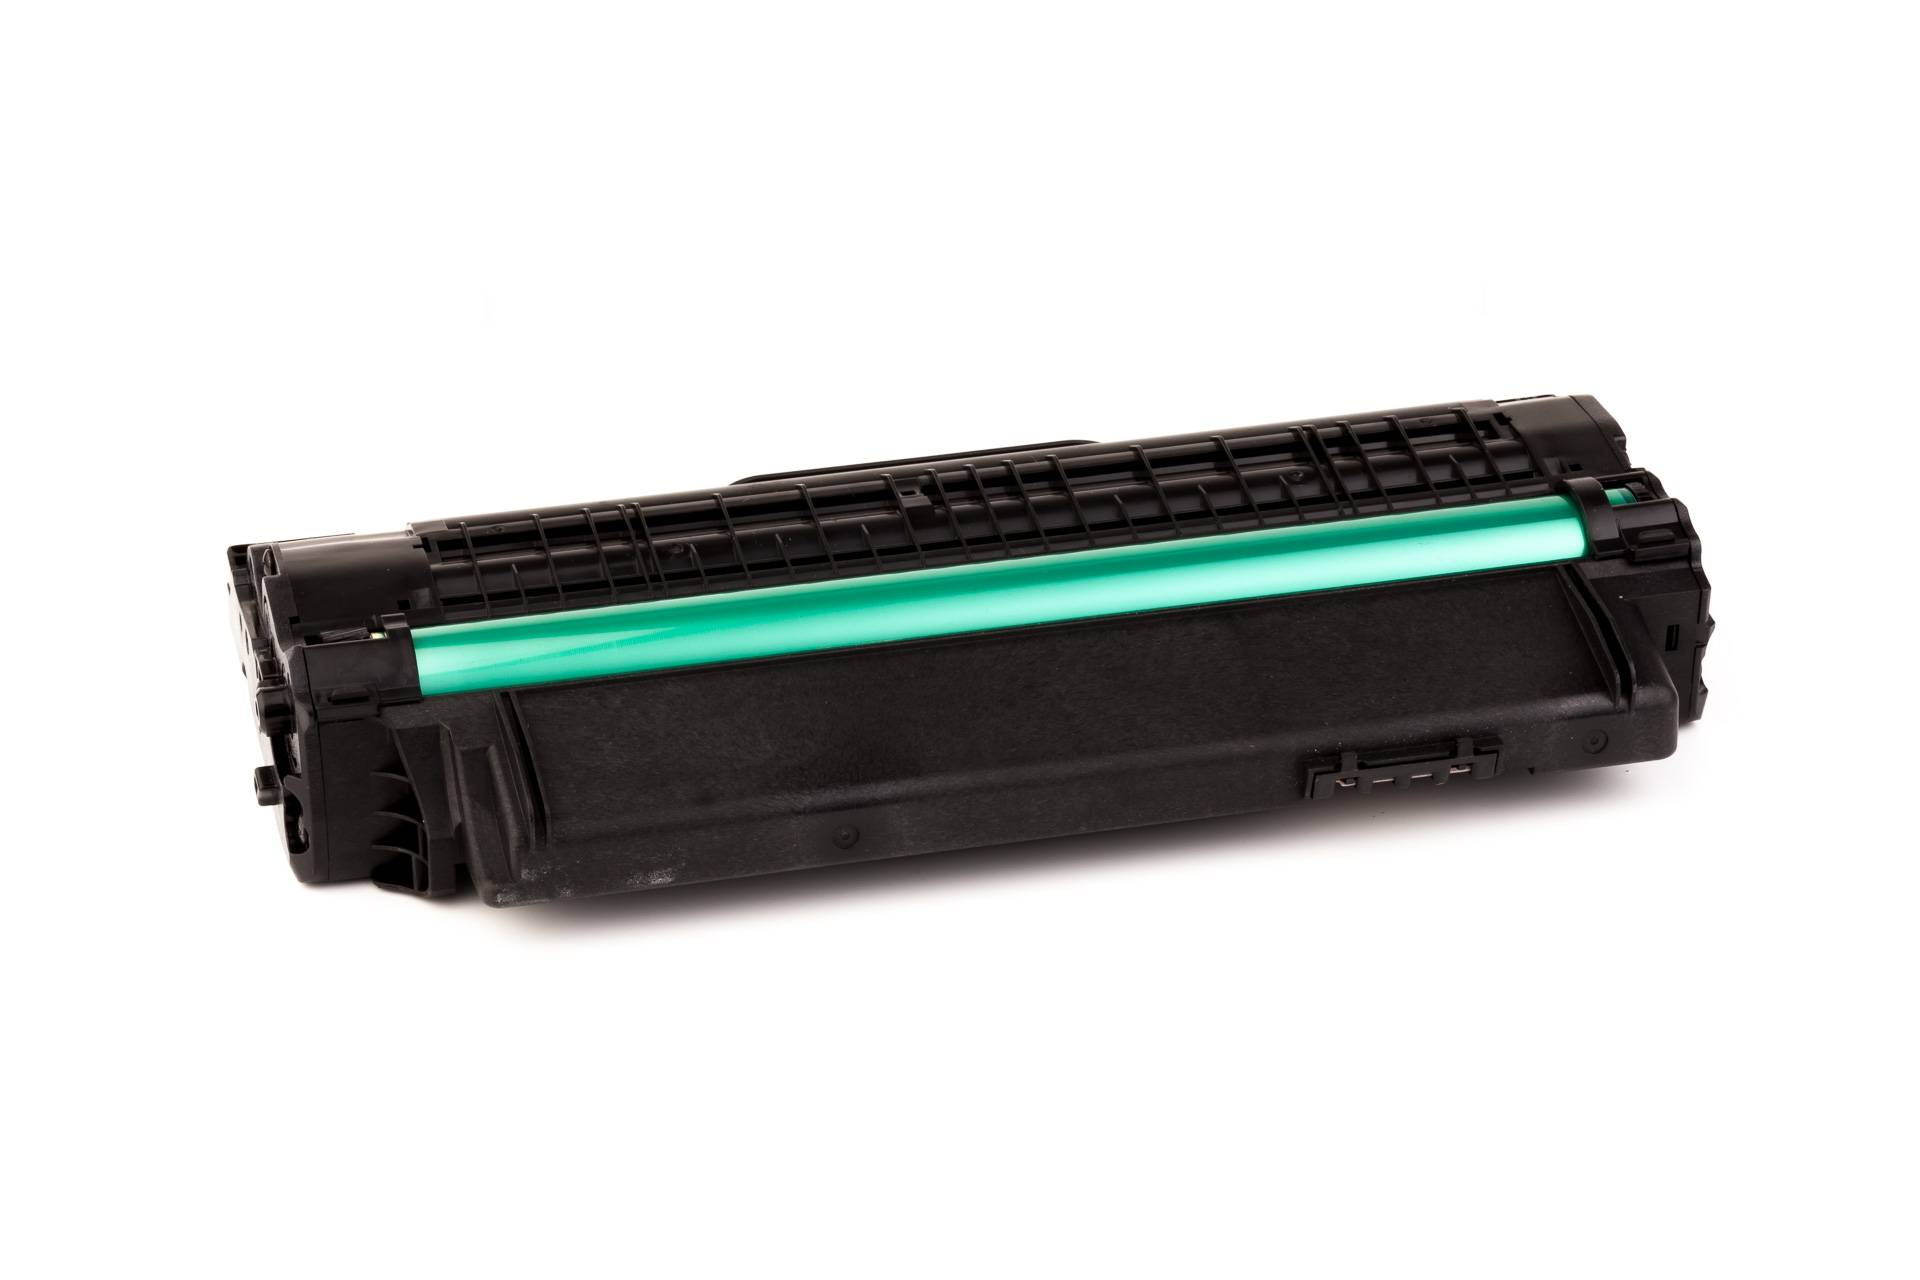 Dell Cartouche de Toner pour Dell 59310961 / 7H53W noir compatible (de marque ASC)